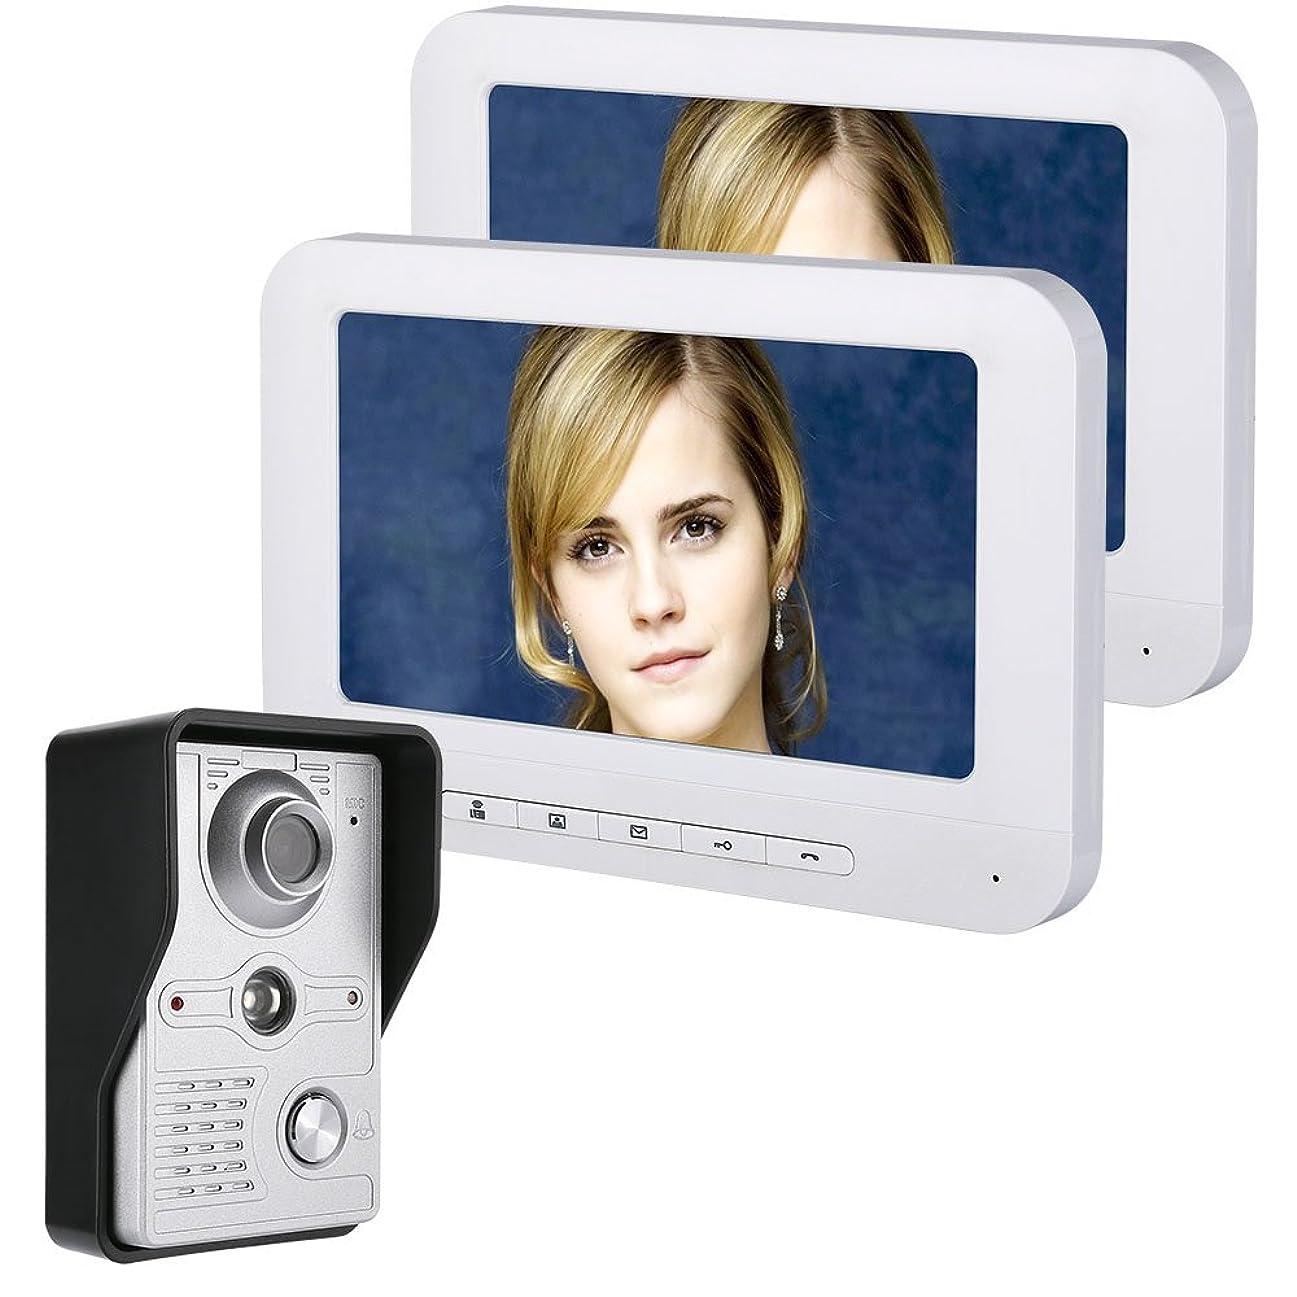 読書をする五ポケット7インチスマートビデオのドアベルビデオドア電話ドアベルインターホンキットドアベルと監視ナイトビジョン TFT カメラ